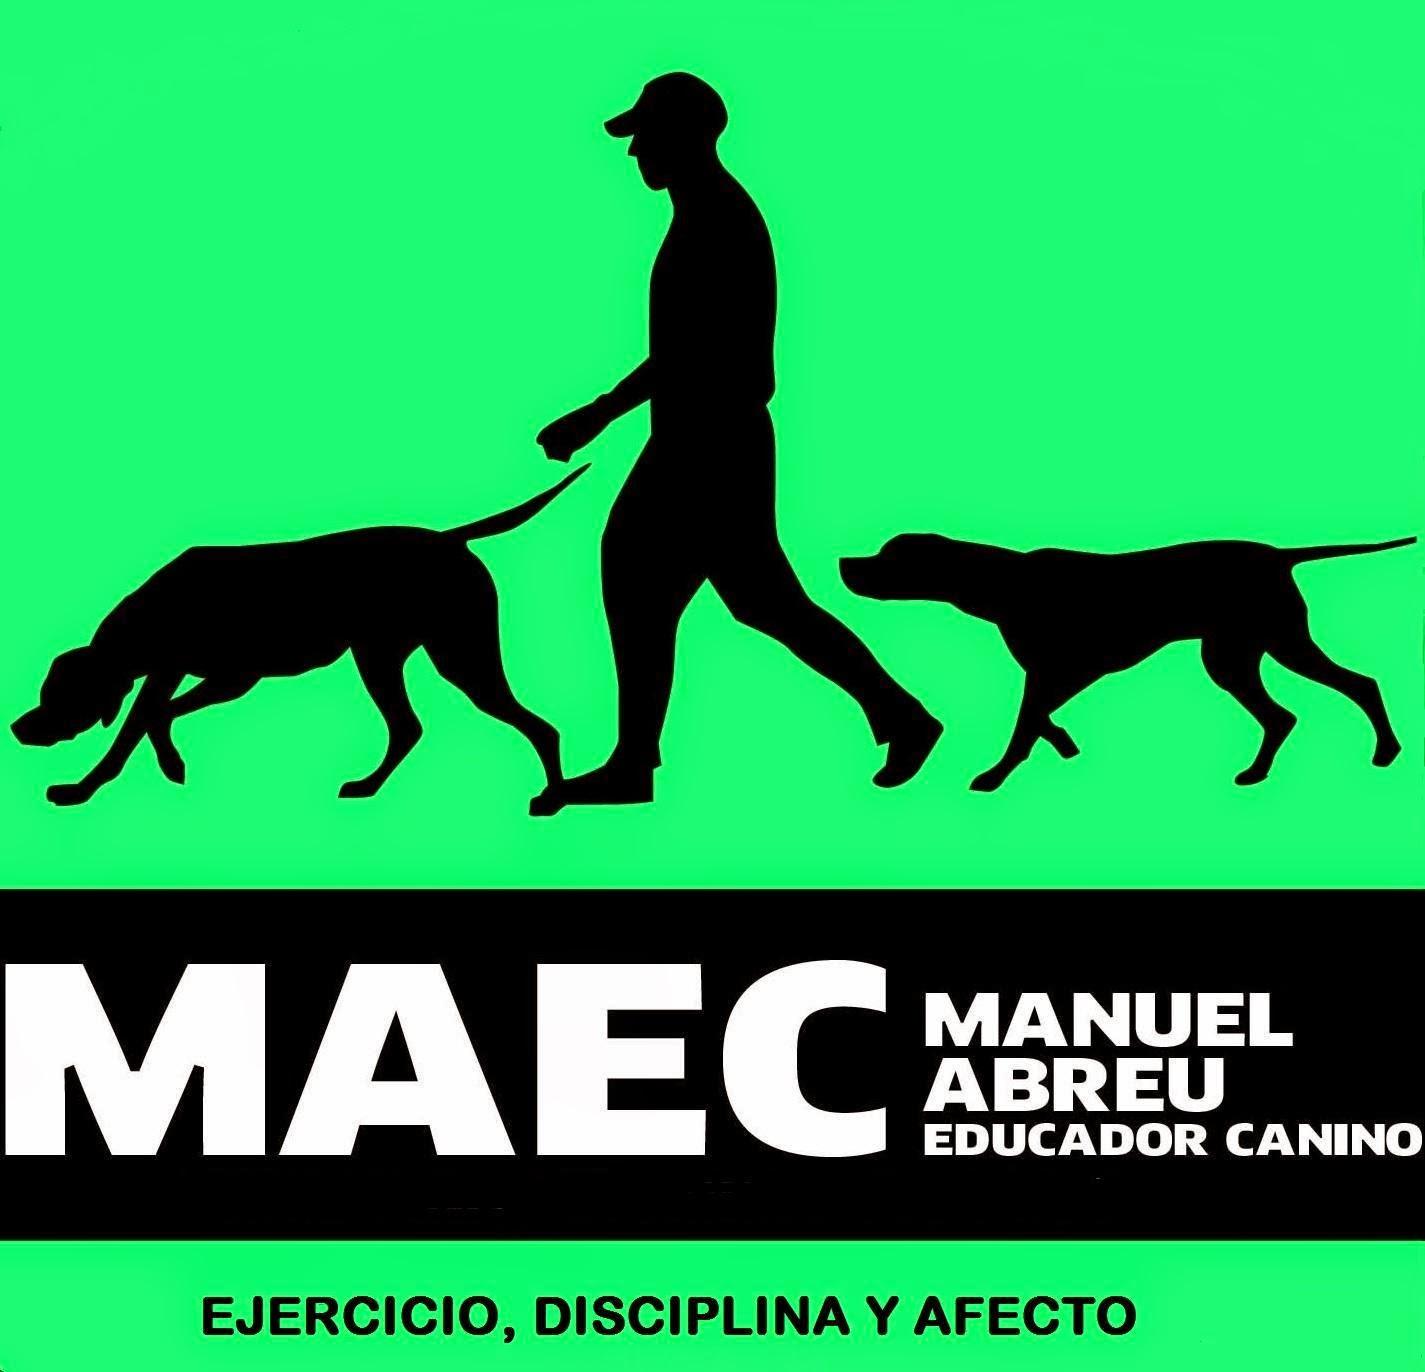 Educador Canino